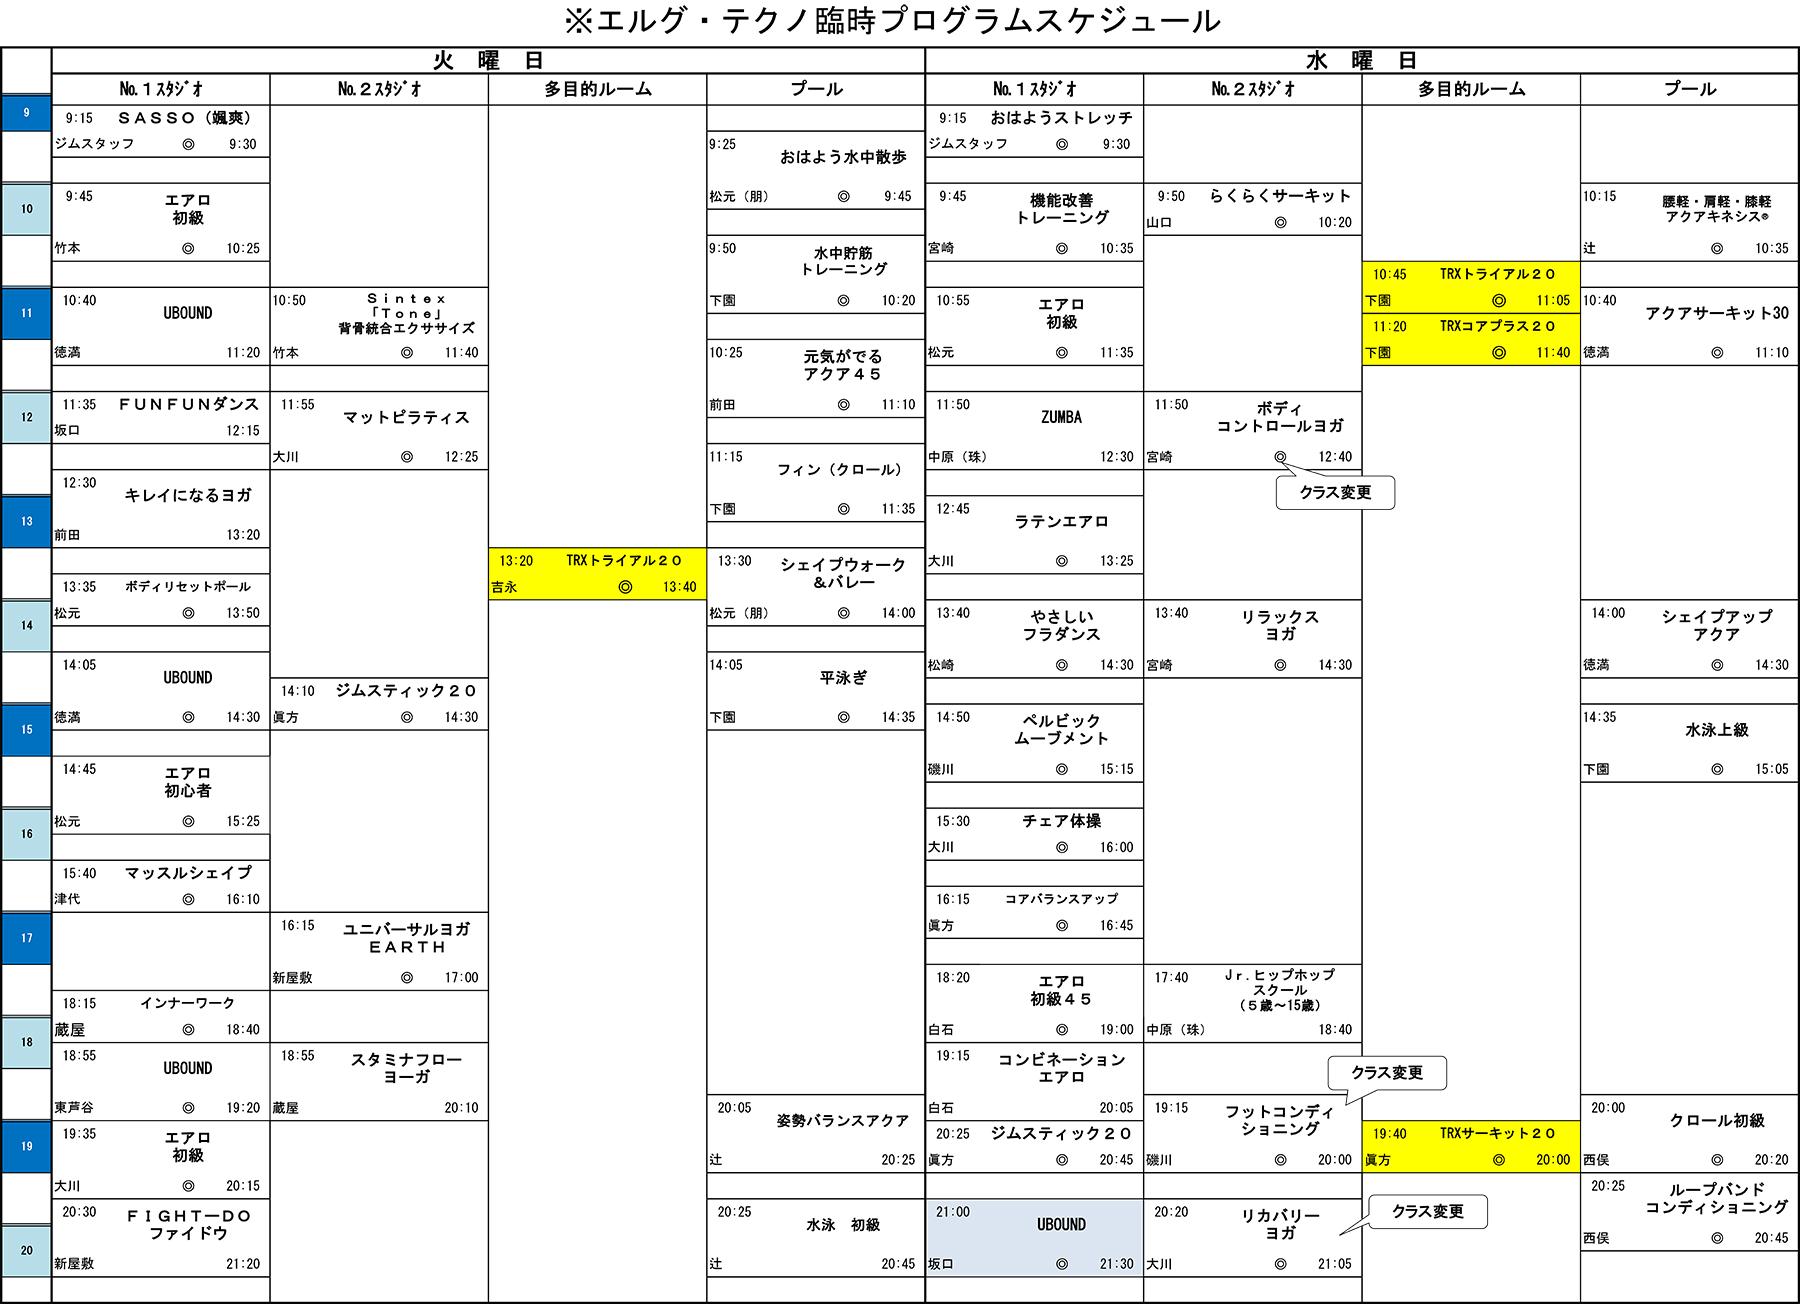 2020年3月臨時プログラム(火曜日、水曜日)